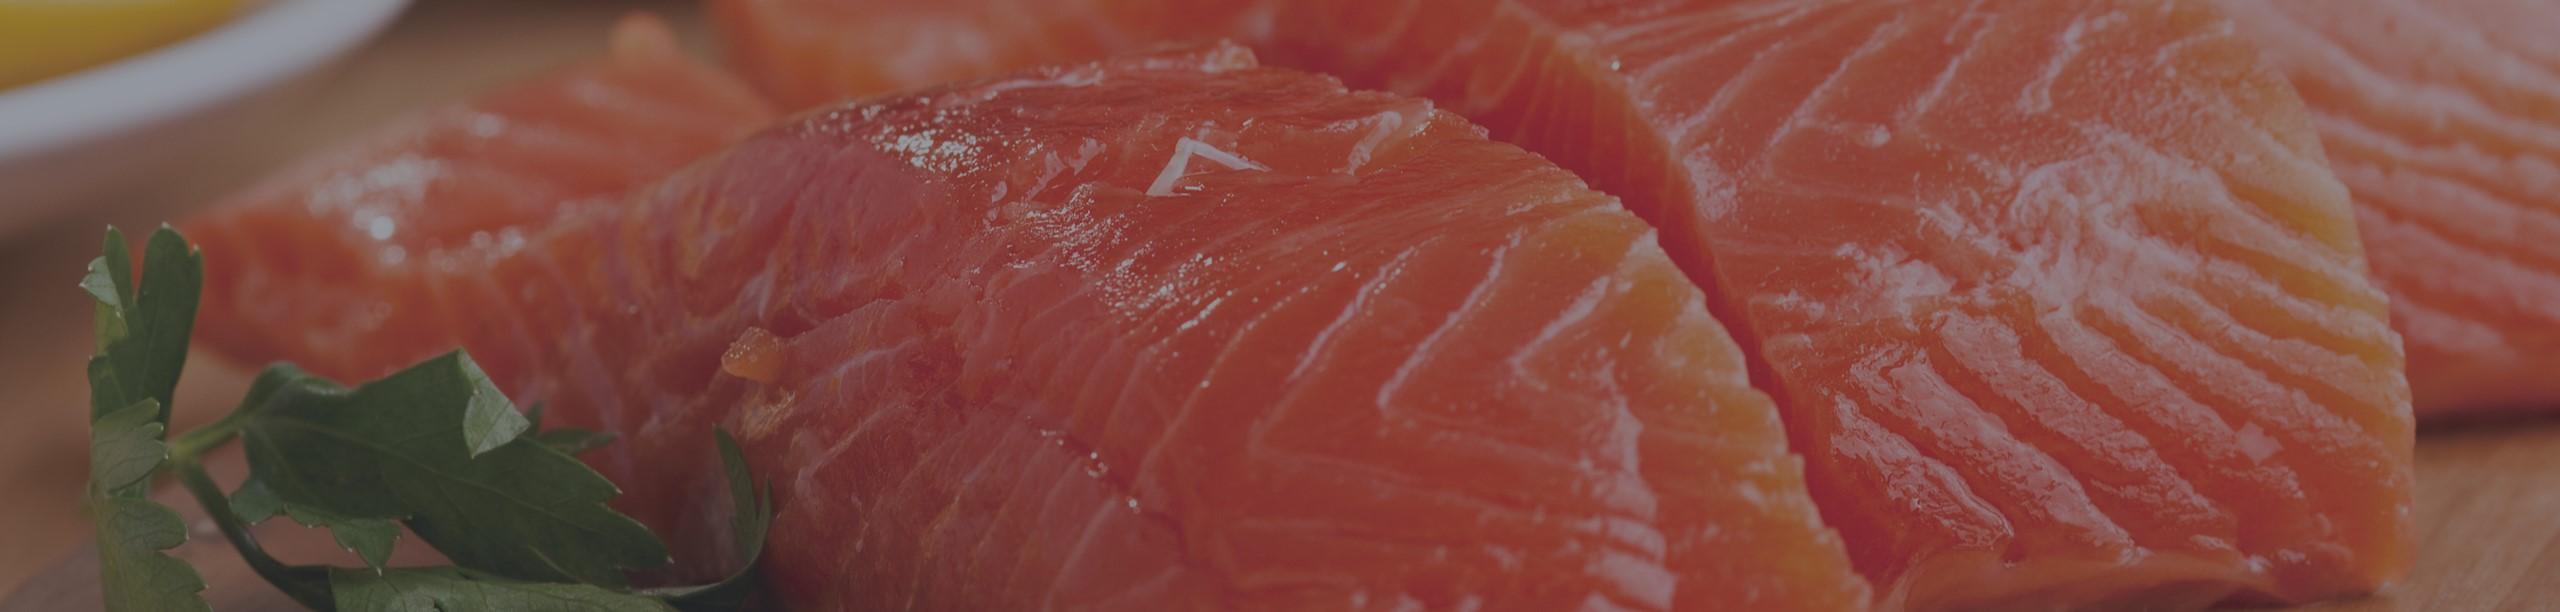 Salmon1-8